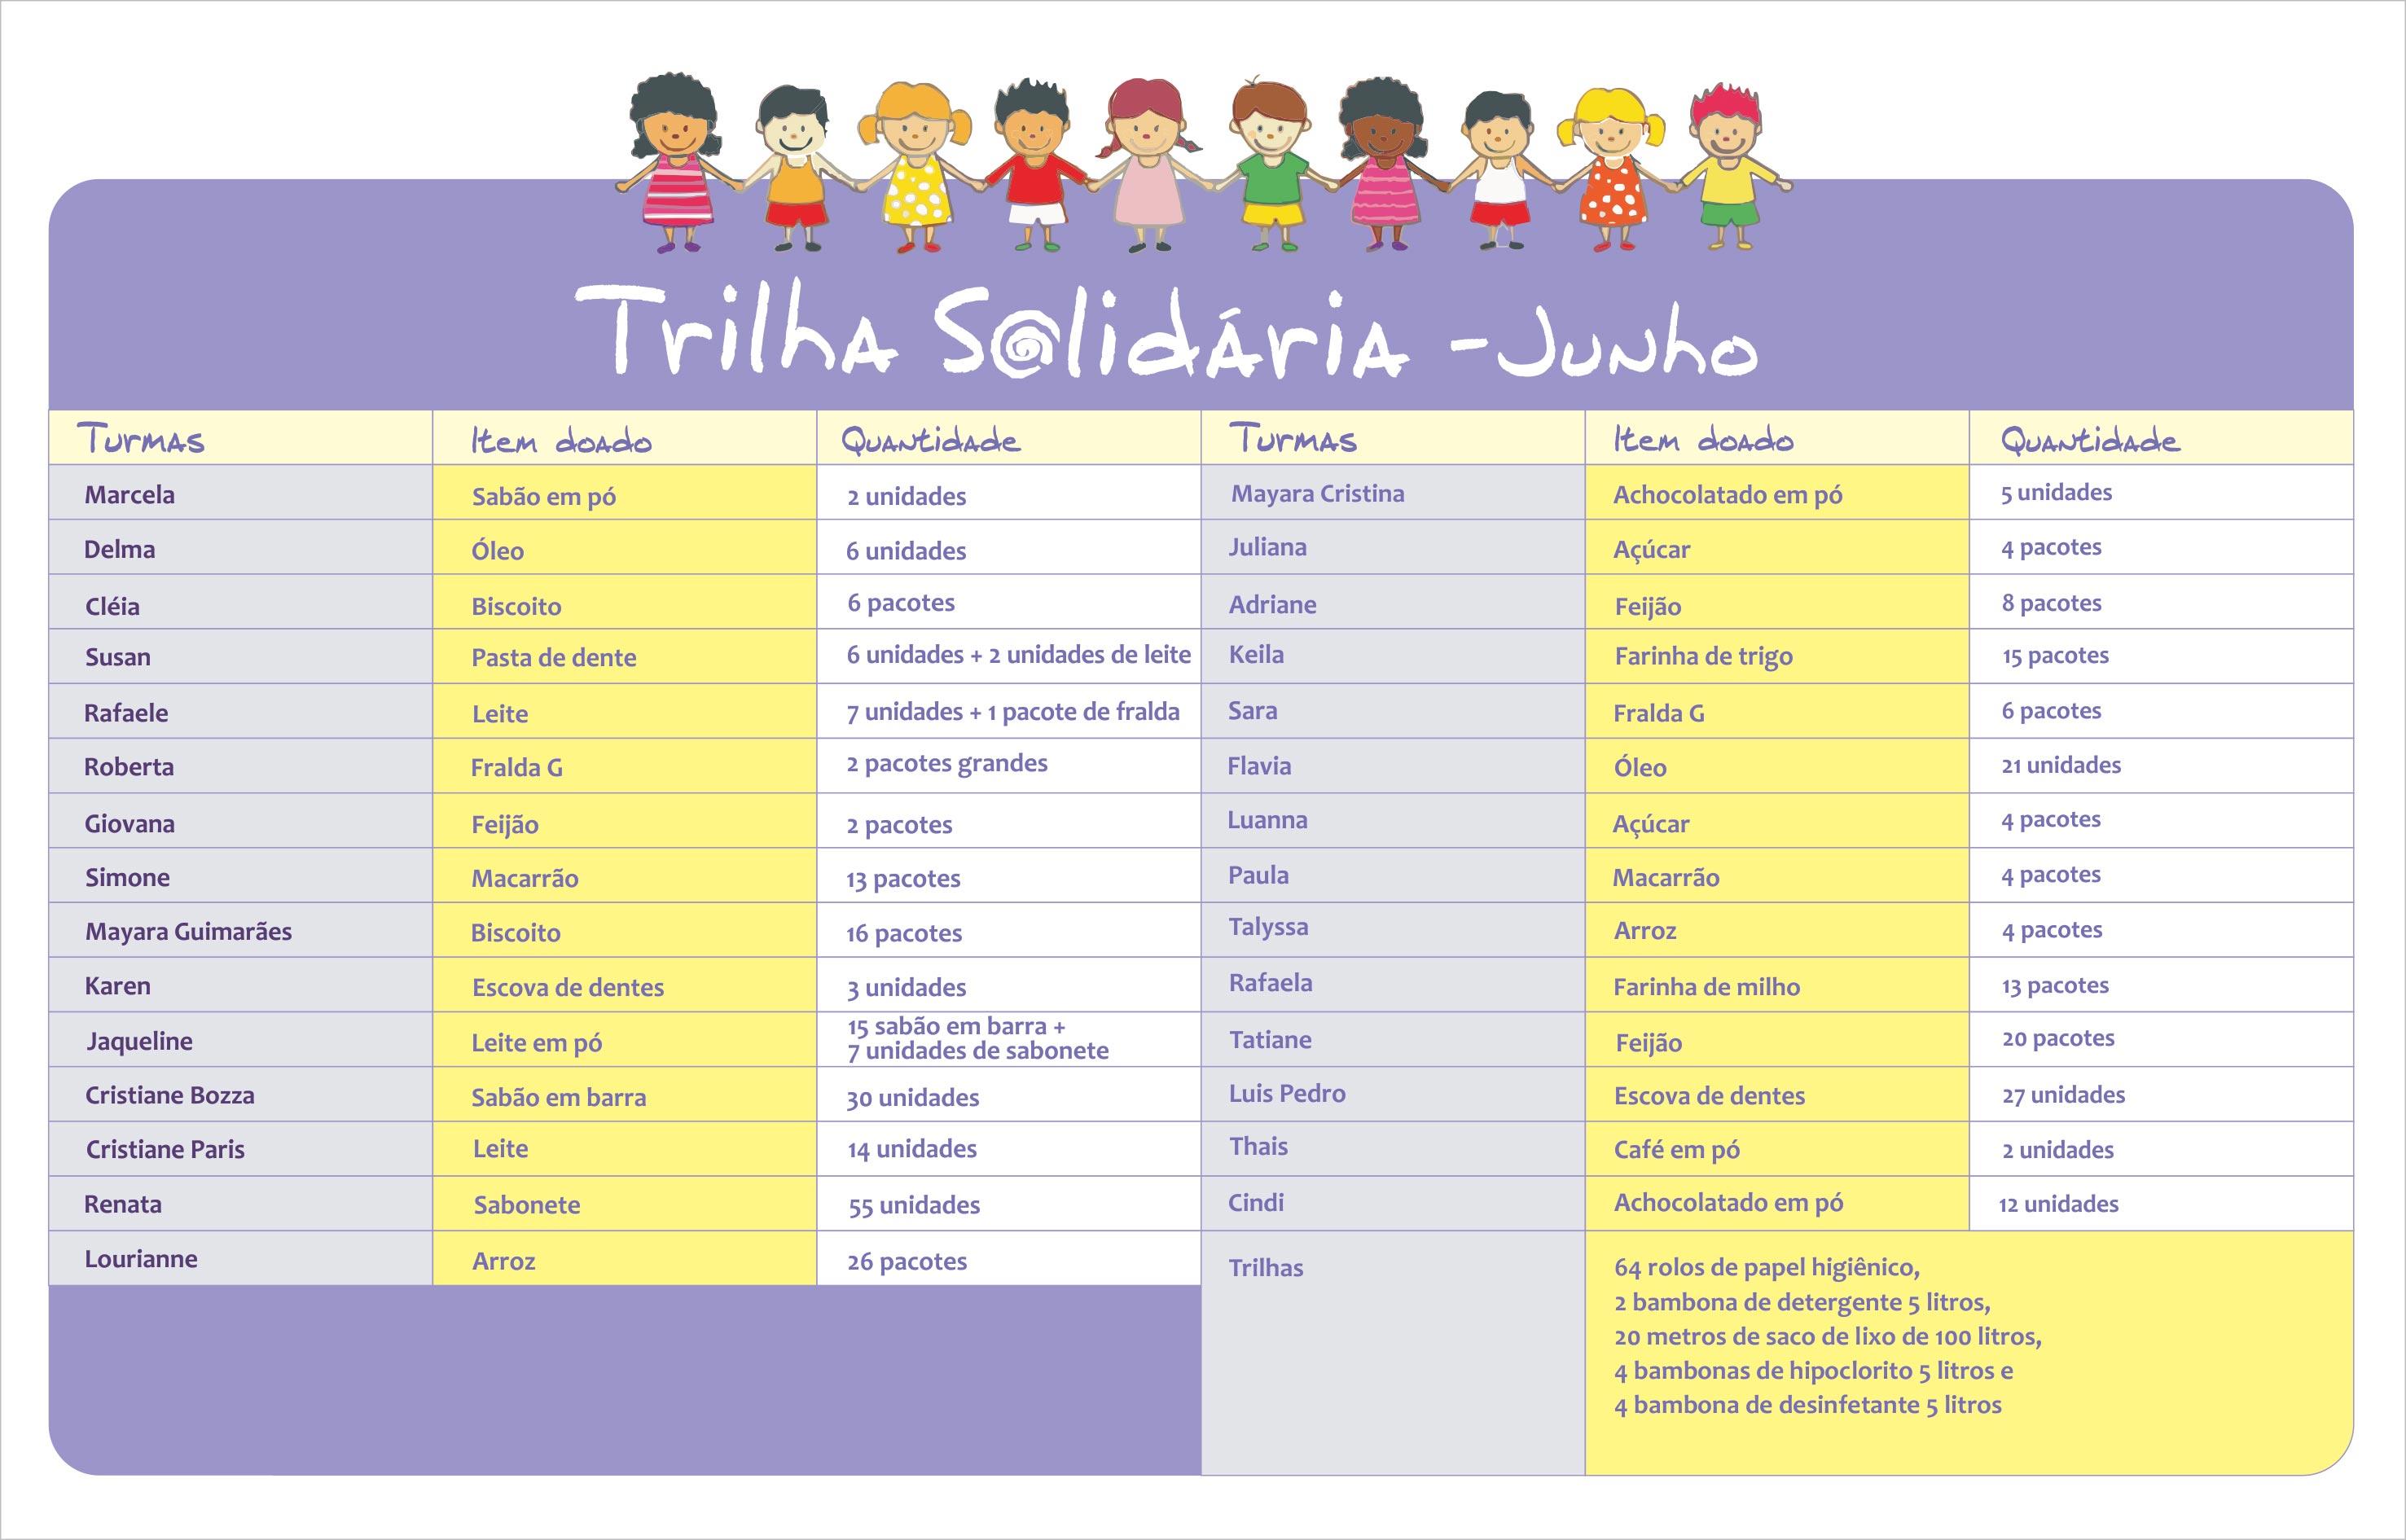 trilhas-solidarias-2015-flyer-virtual-junho-arrecadacao